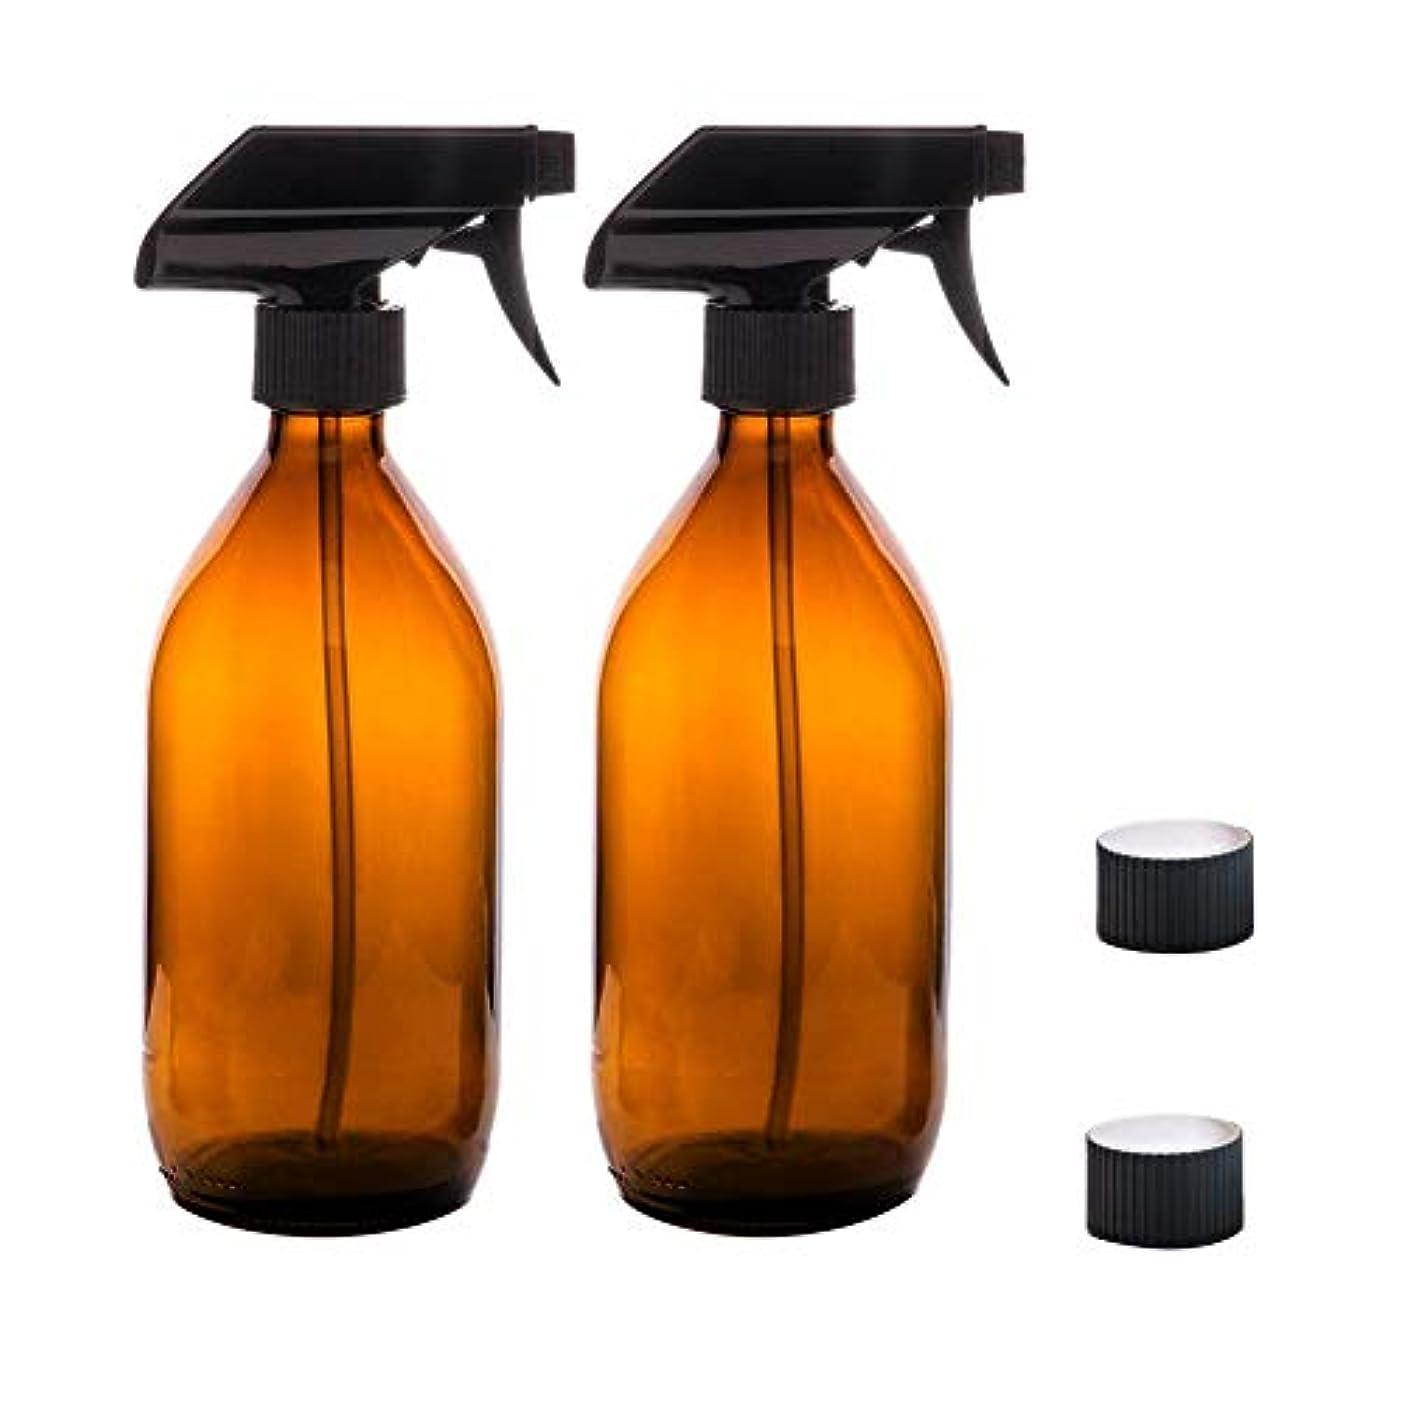 分数外交問題起きてRagem スプレーボトル 霧吹き スプレー 500ml 遮光 極細のミスト 保湿スプレー 容器 植物水やり BPAフリー 2点セット ブラウン